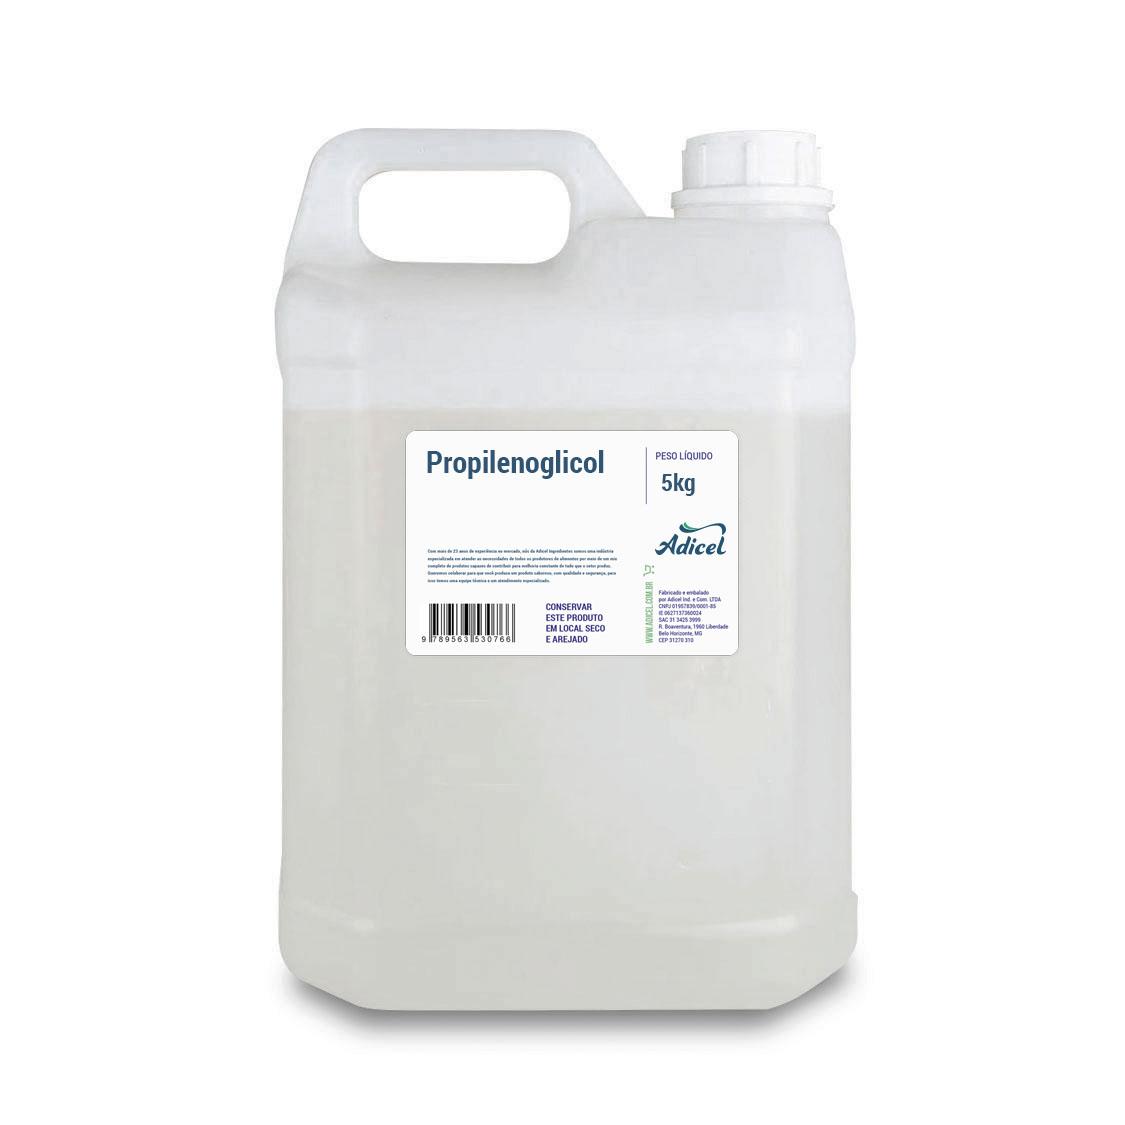 Propilenoglicol - 5kg